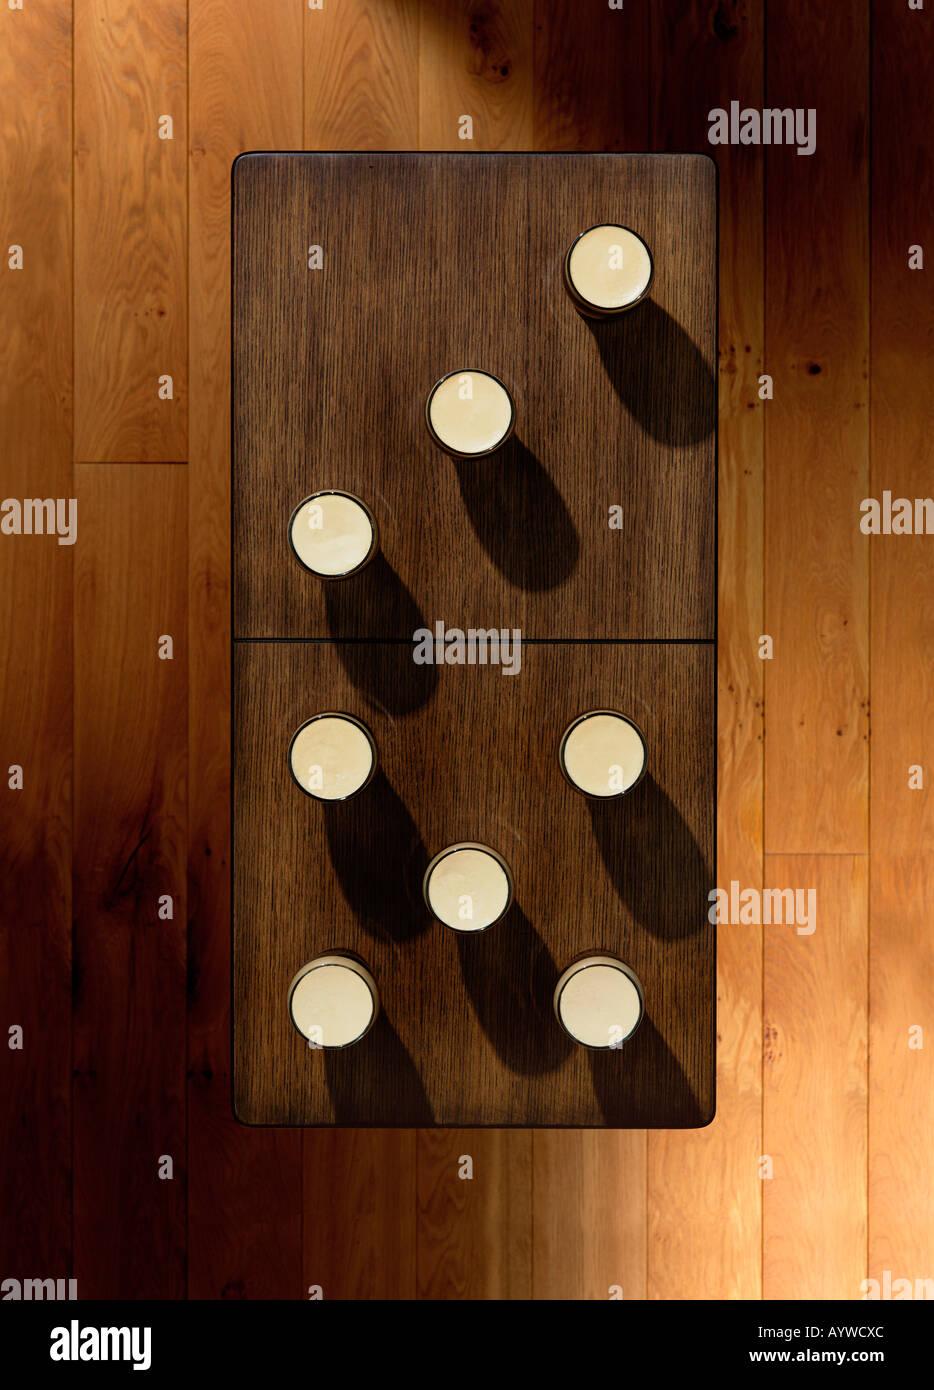 Eine obenliegende Aufnahme einer Tabelle mit einigen Pints platzierten auch aussehen wie ein Dominostein Stockfoto